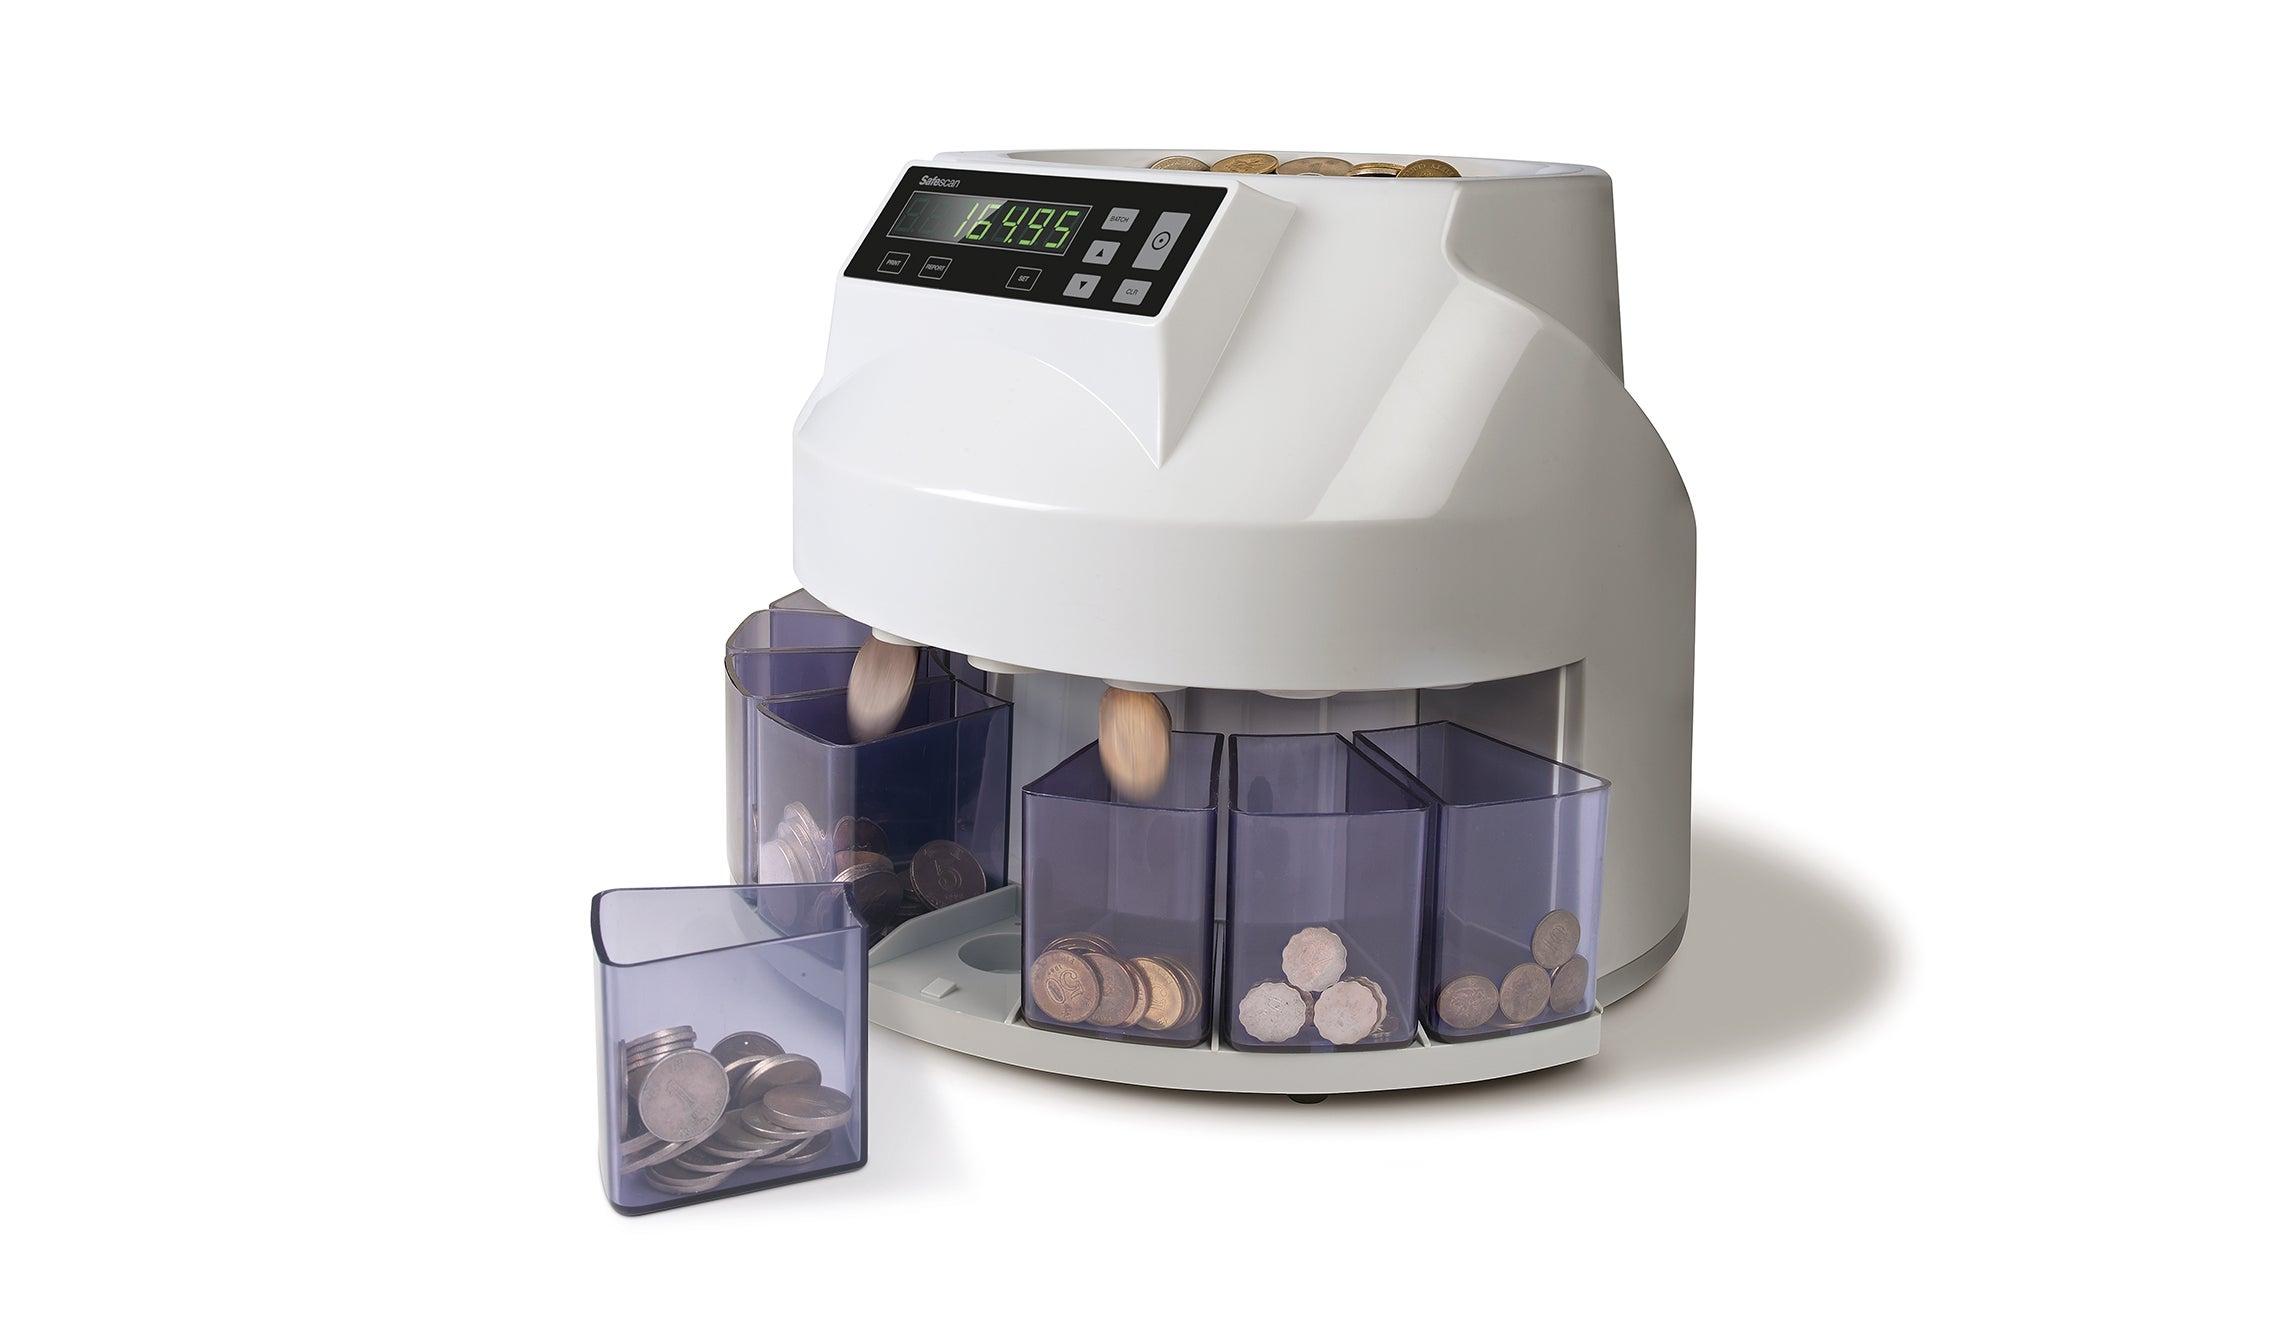 safescan-1250-hkdollar-coin-cointer